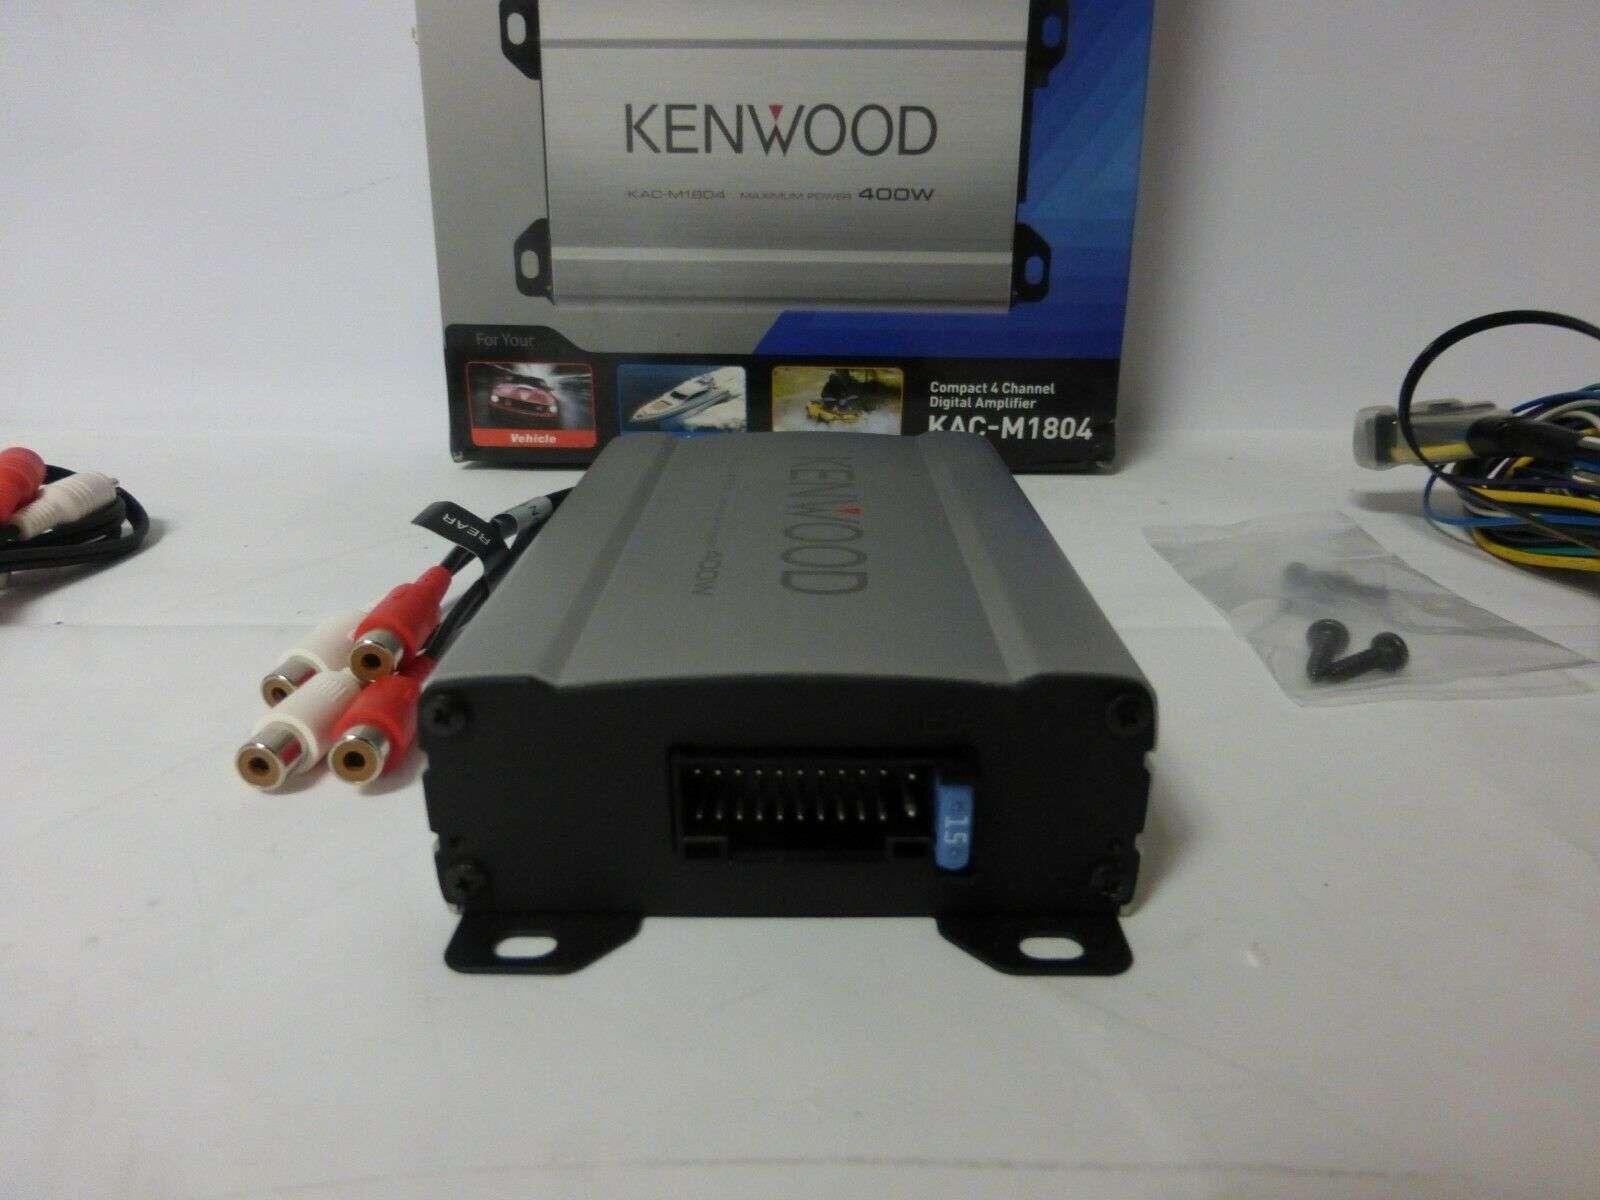 Kenwood KAC-M1804 Review